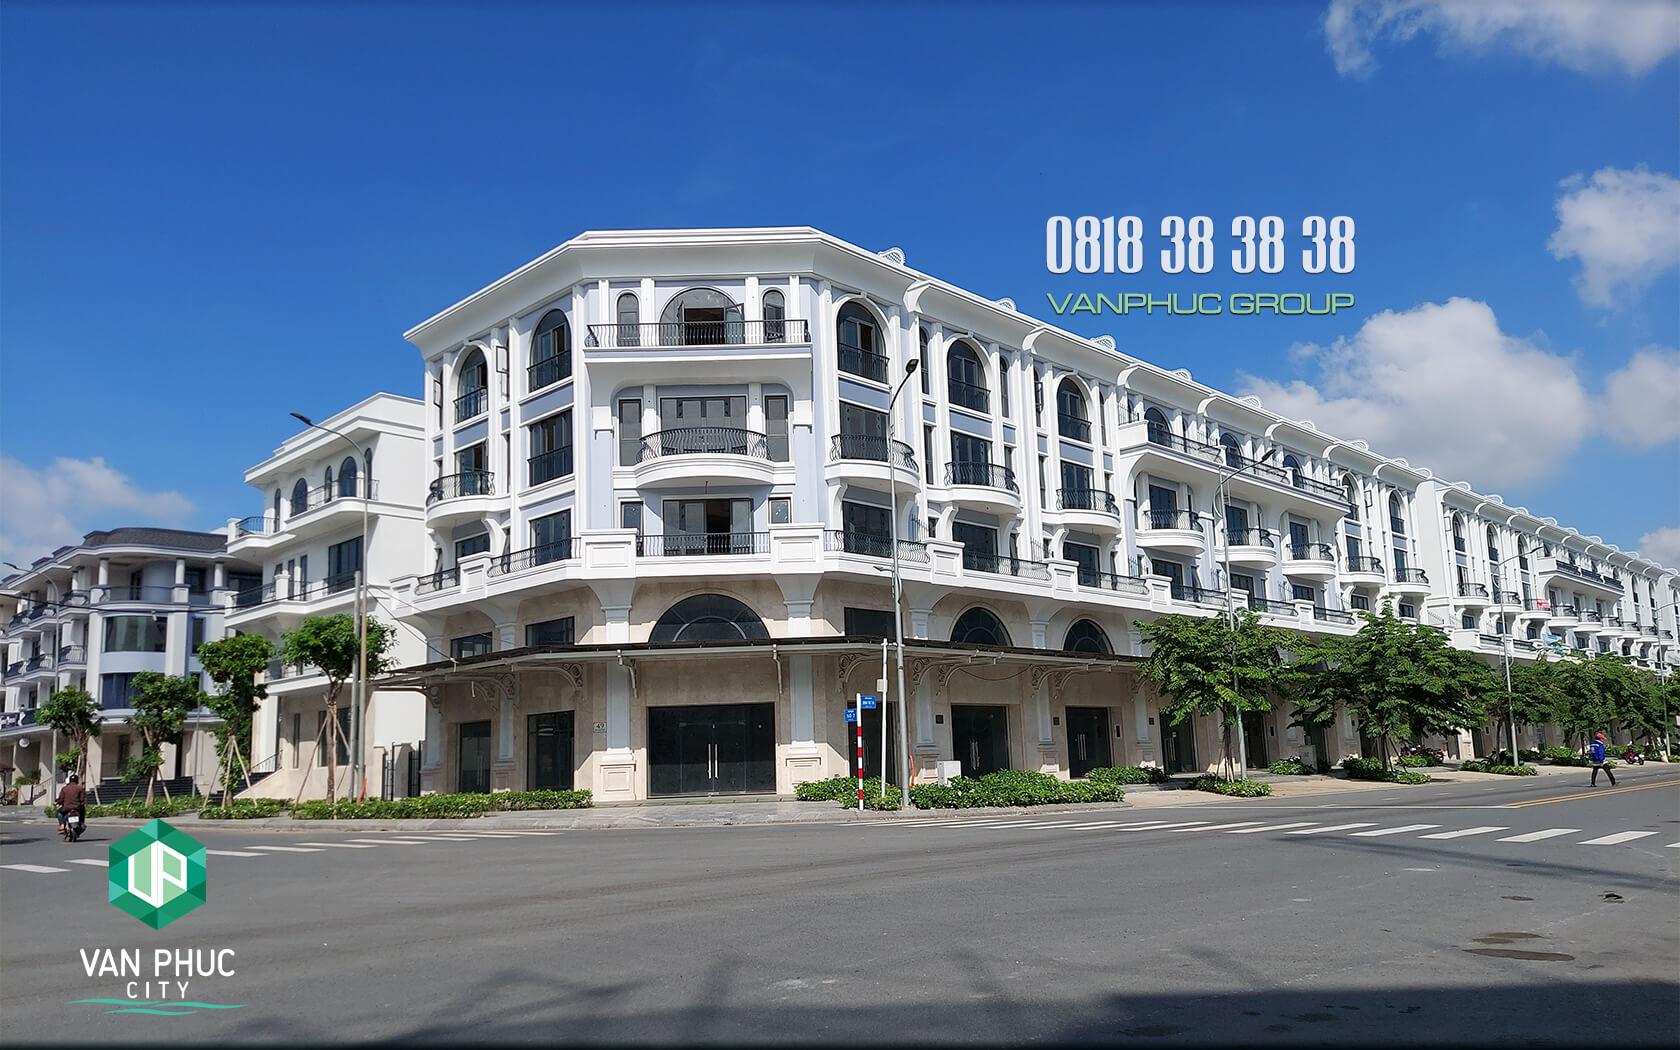 Tin chuyển nhượng nhà phố Van Phuc City Thủ Đức Golden Block P5 mới nhất